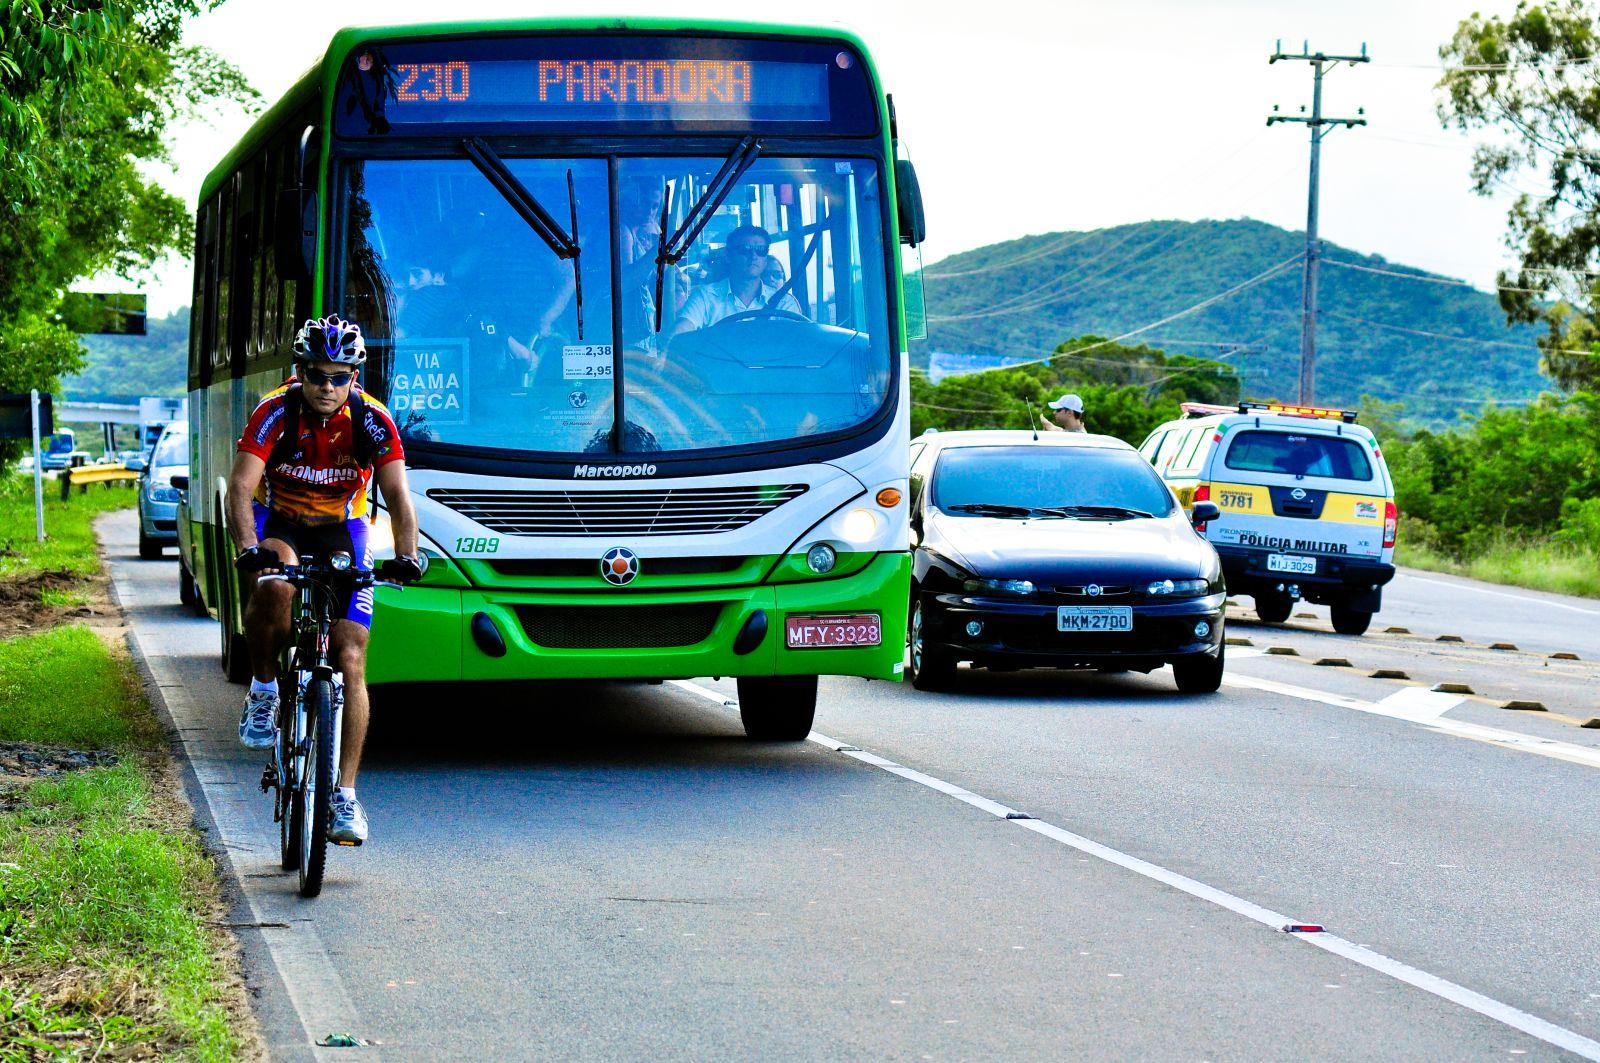 Durante todo o período de festas de fim de ano e ano novo e também durante  a alta temporada, é necessário um cuidado maior ao se pedalar pela cidade. 5888400041